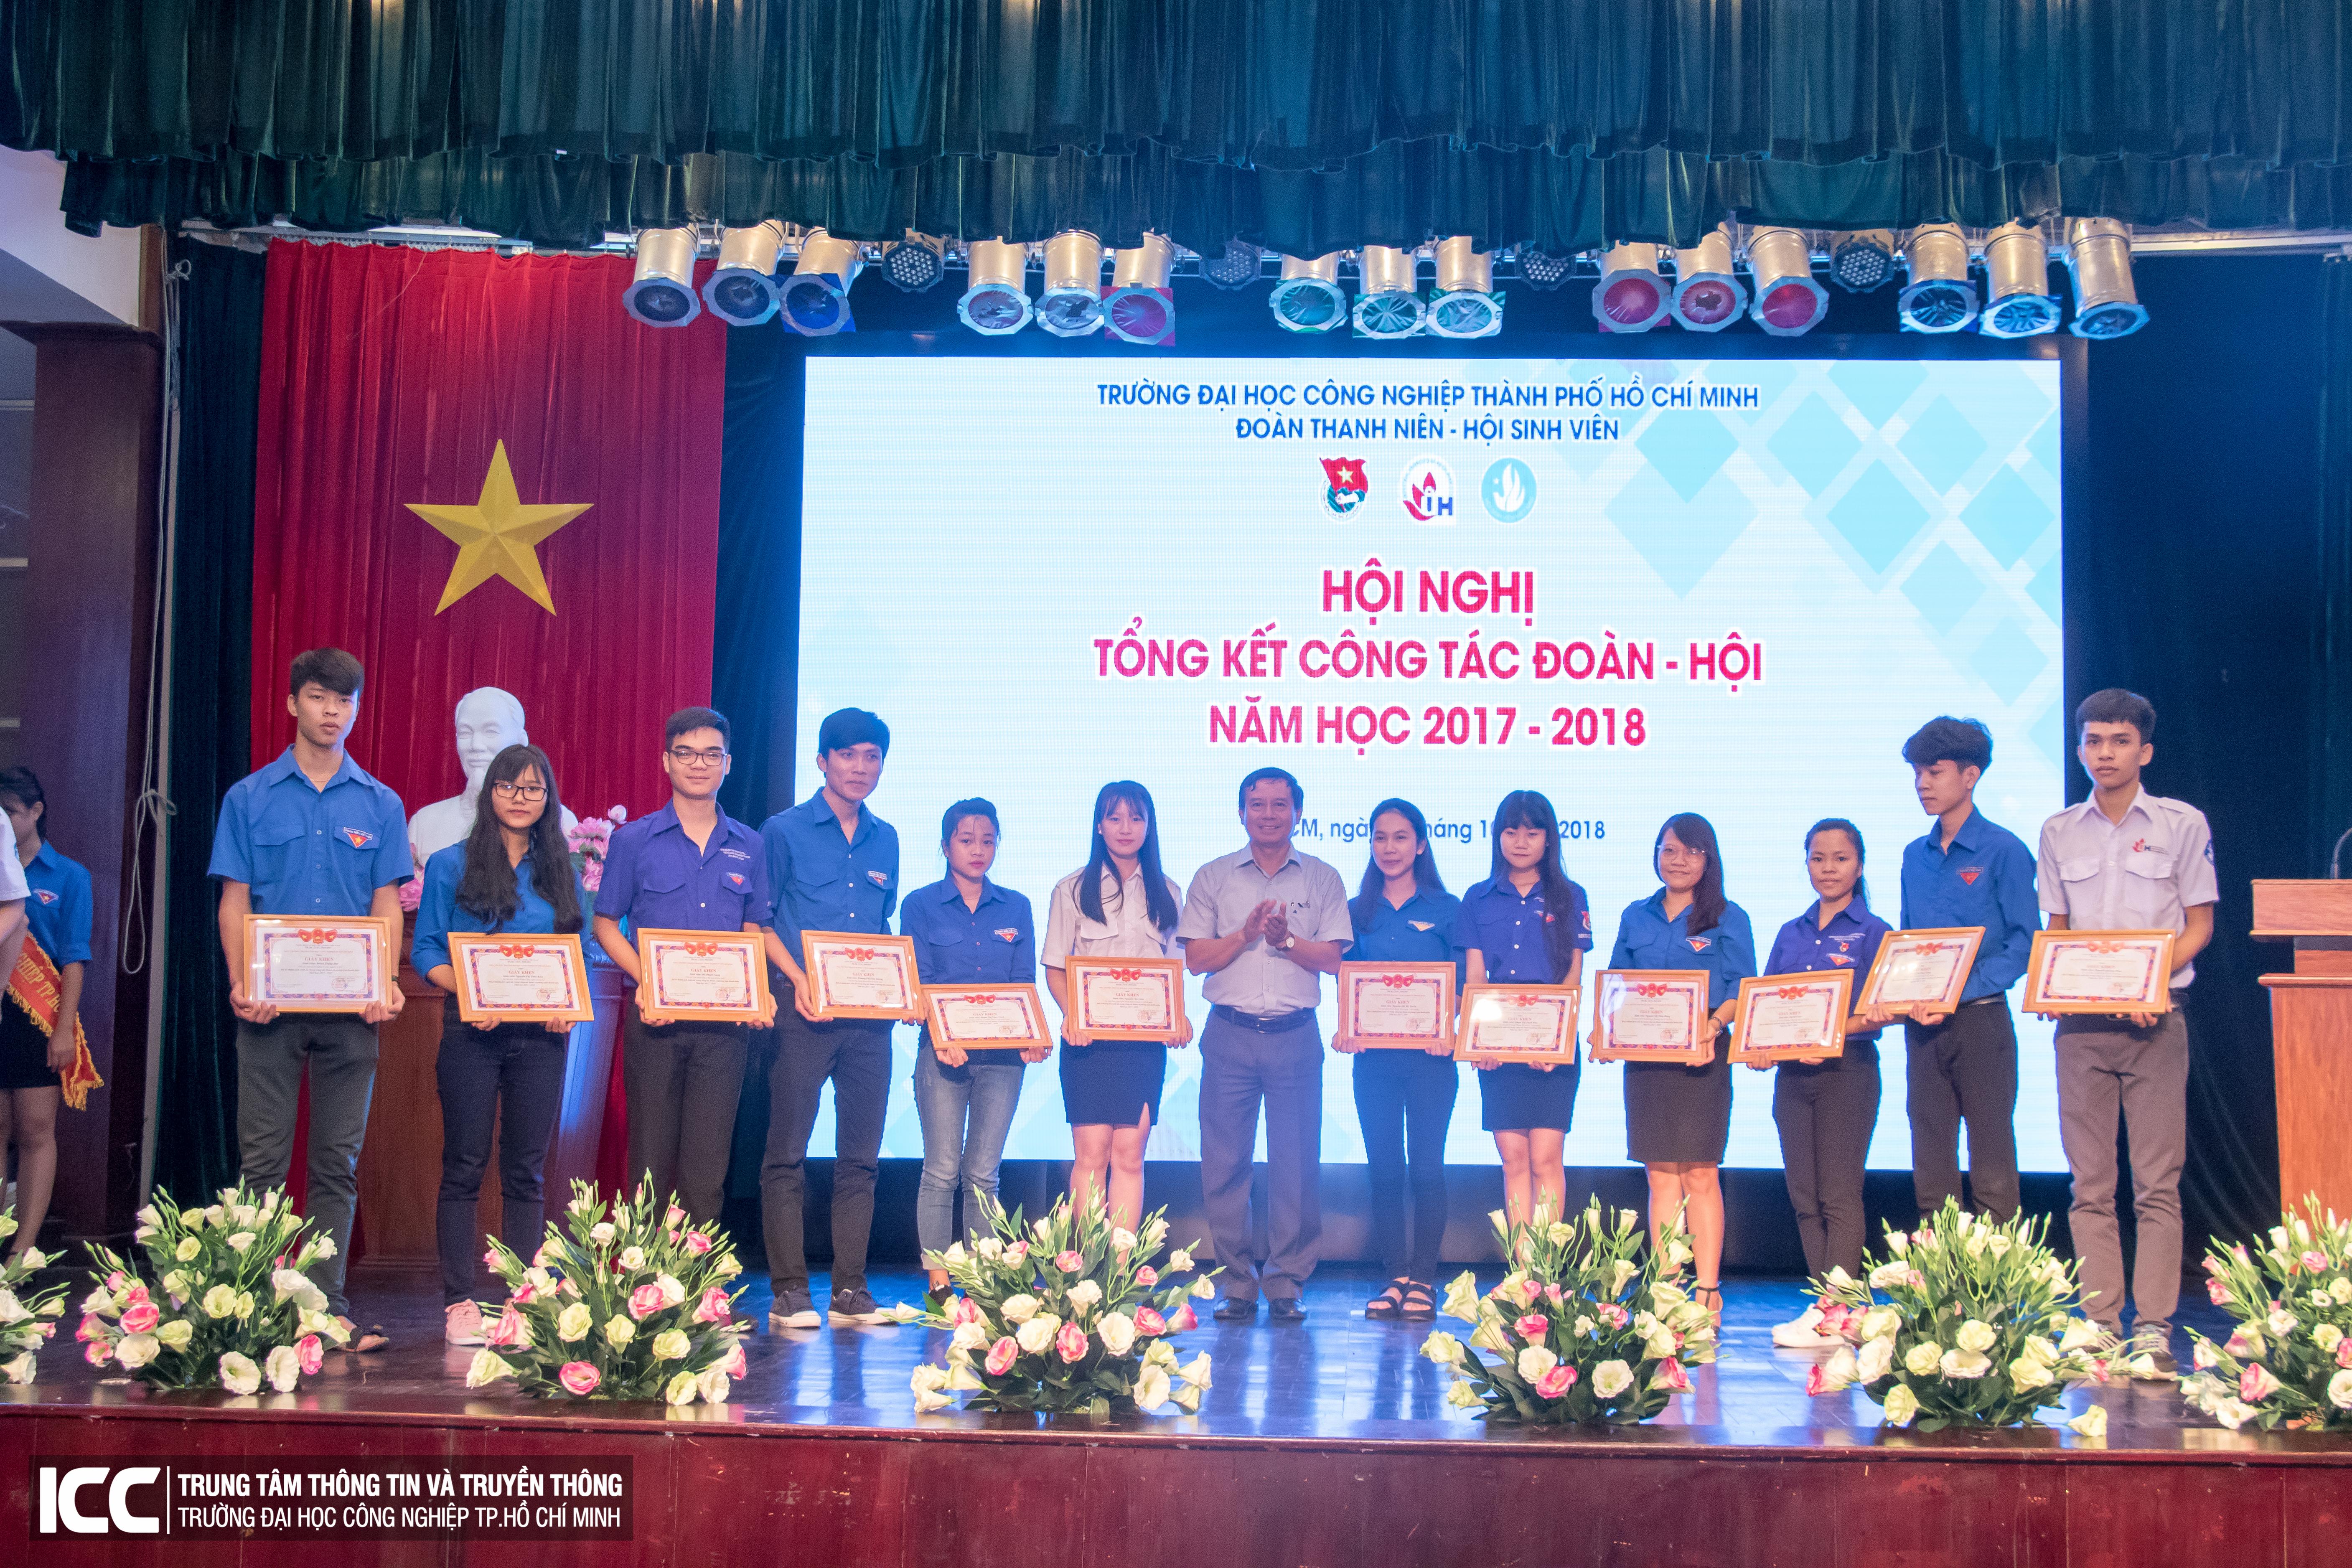 Tổng kết Công tác Đoàn – Hội 2018: Một năm hoạt động sôi nổi